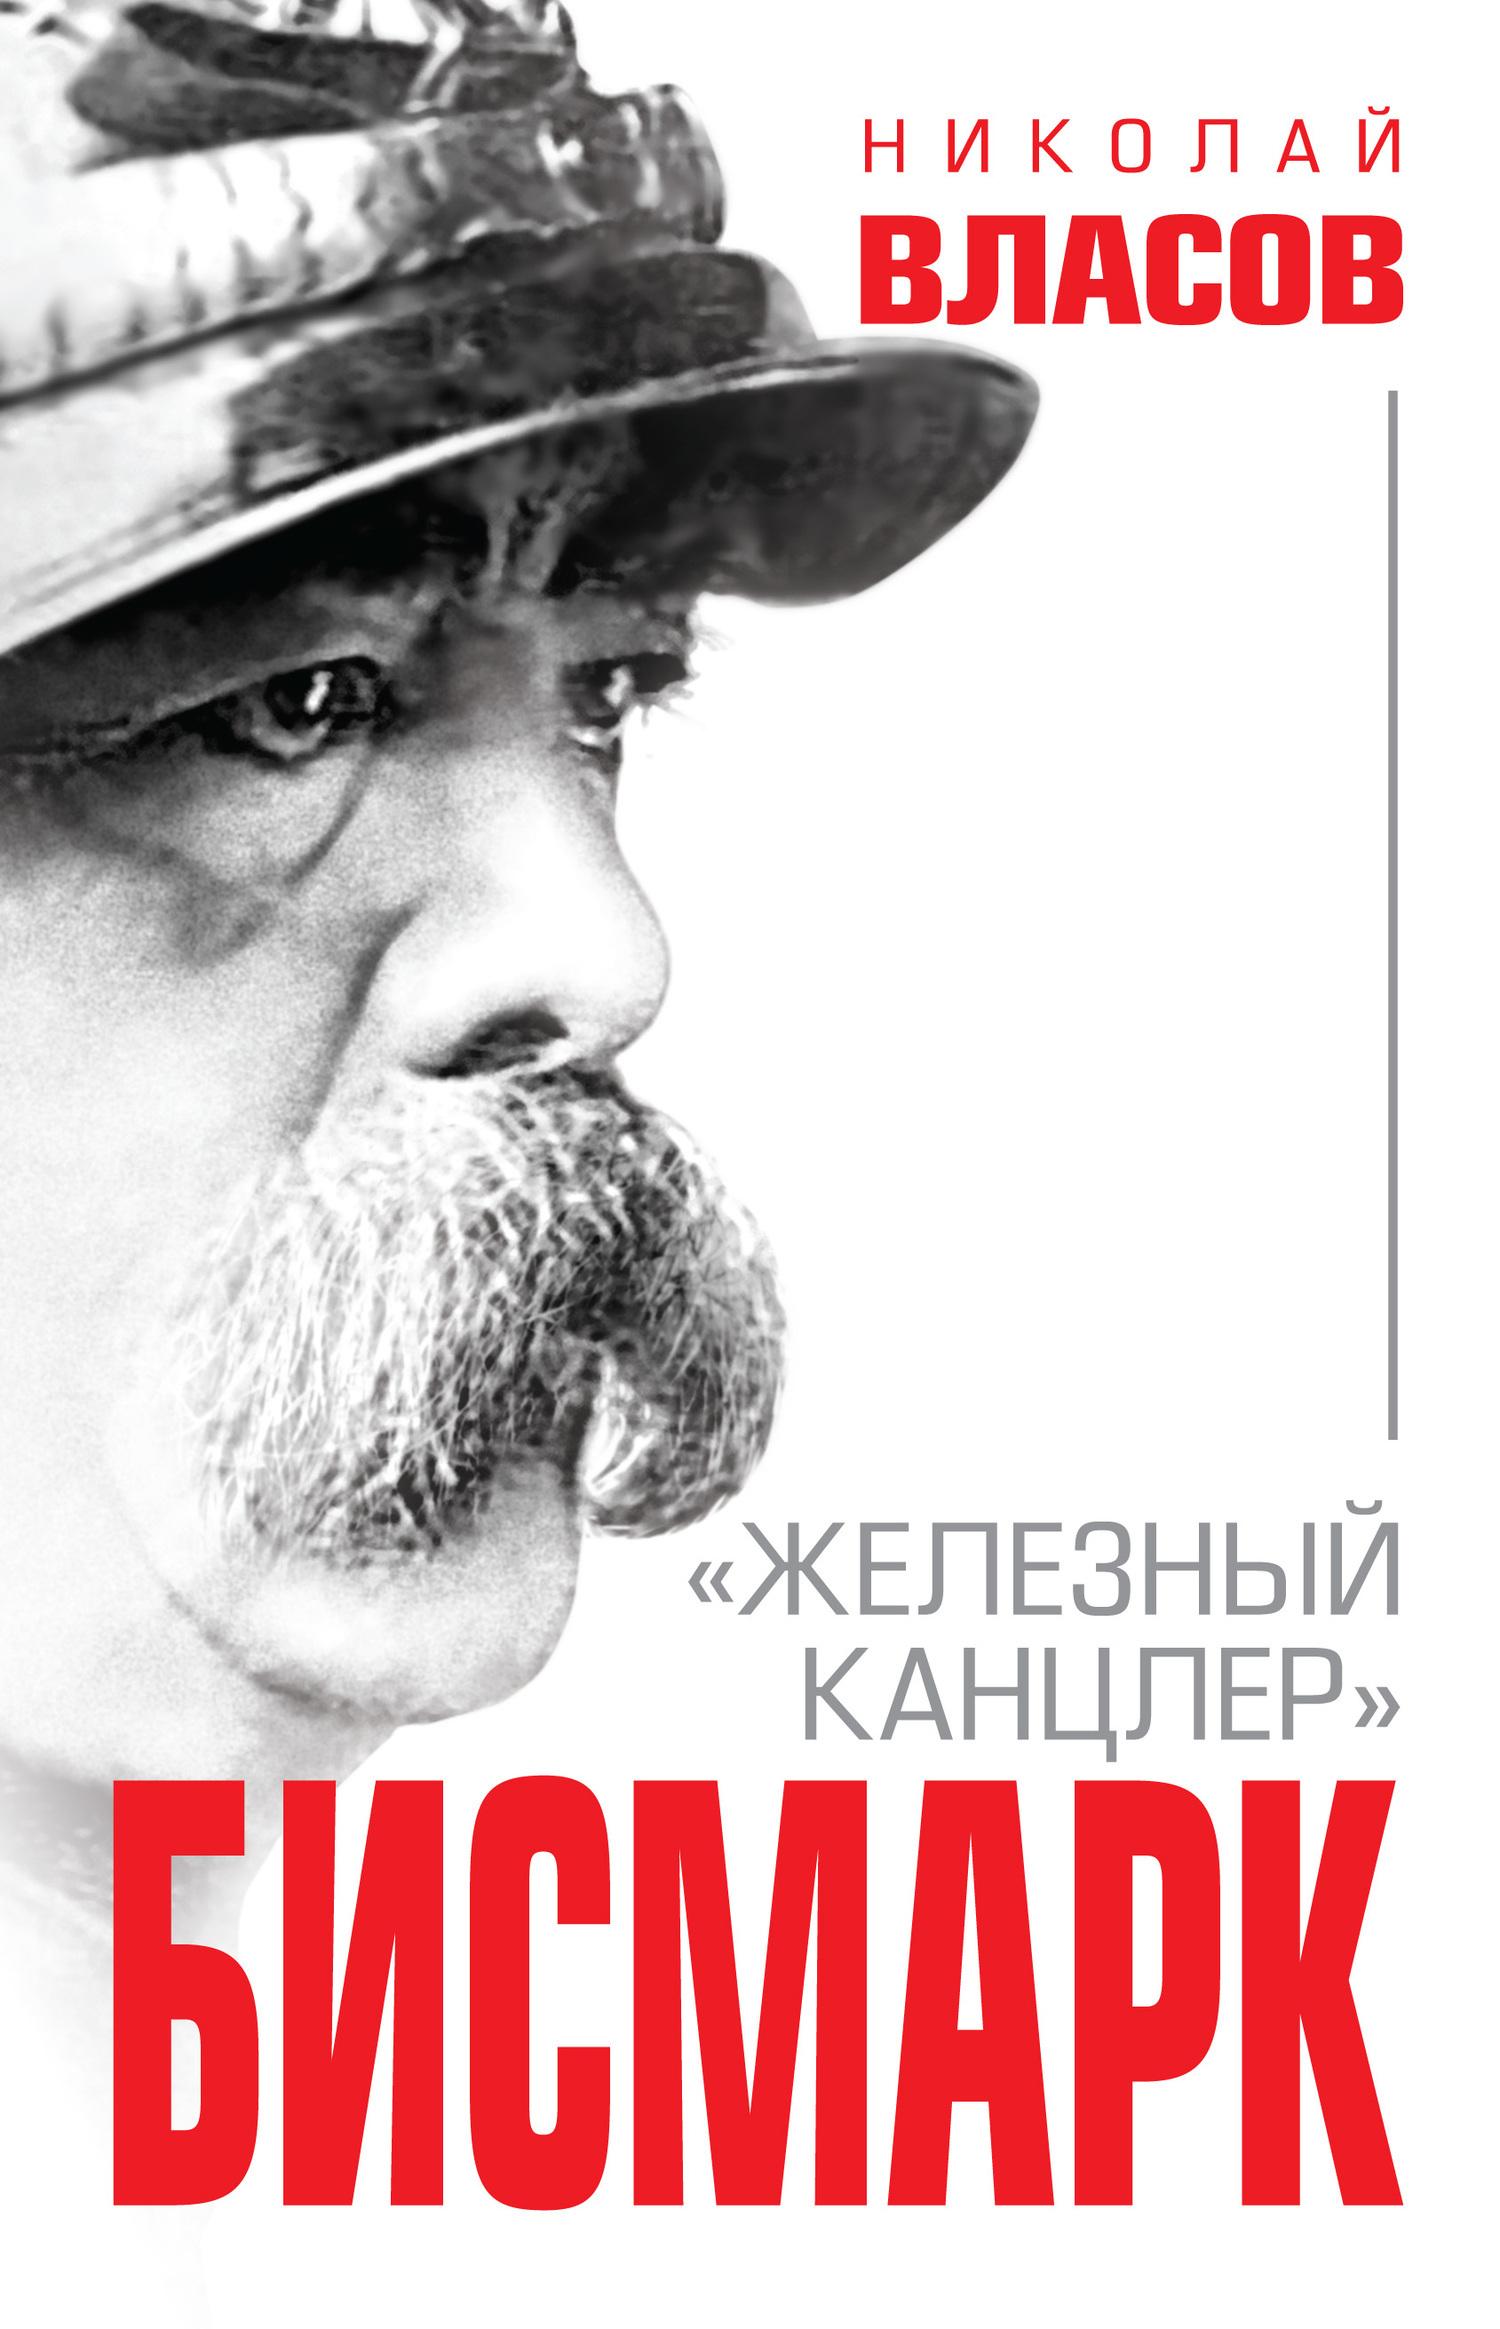 Николай Власов - Бисмарк. «Железный канцлер»